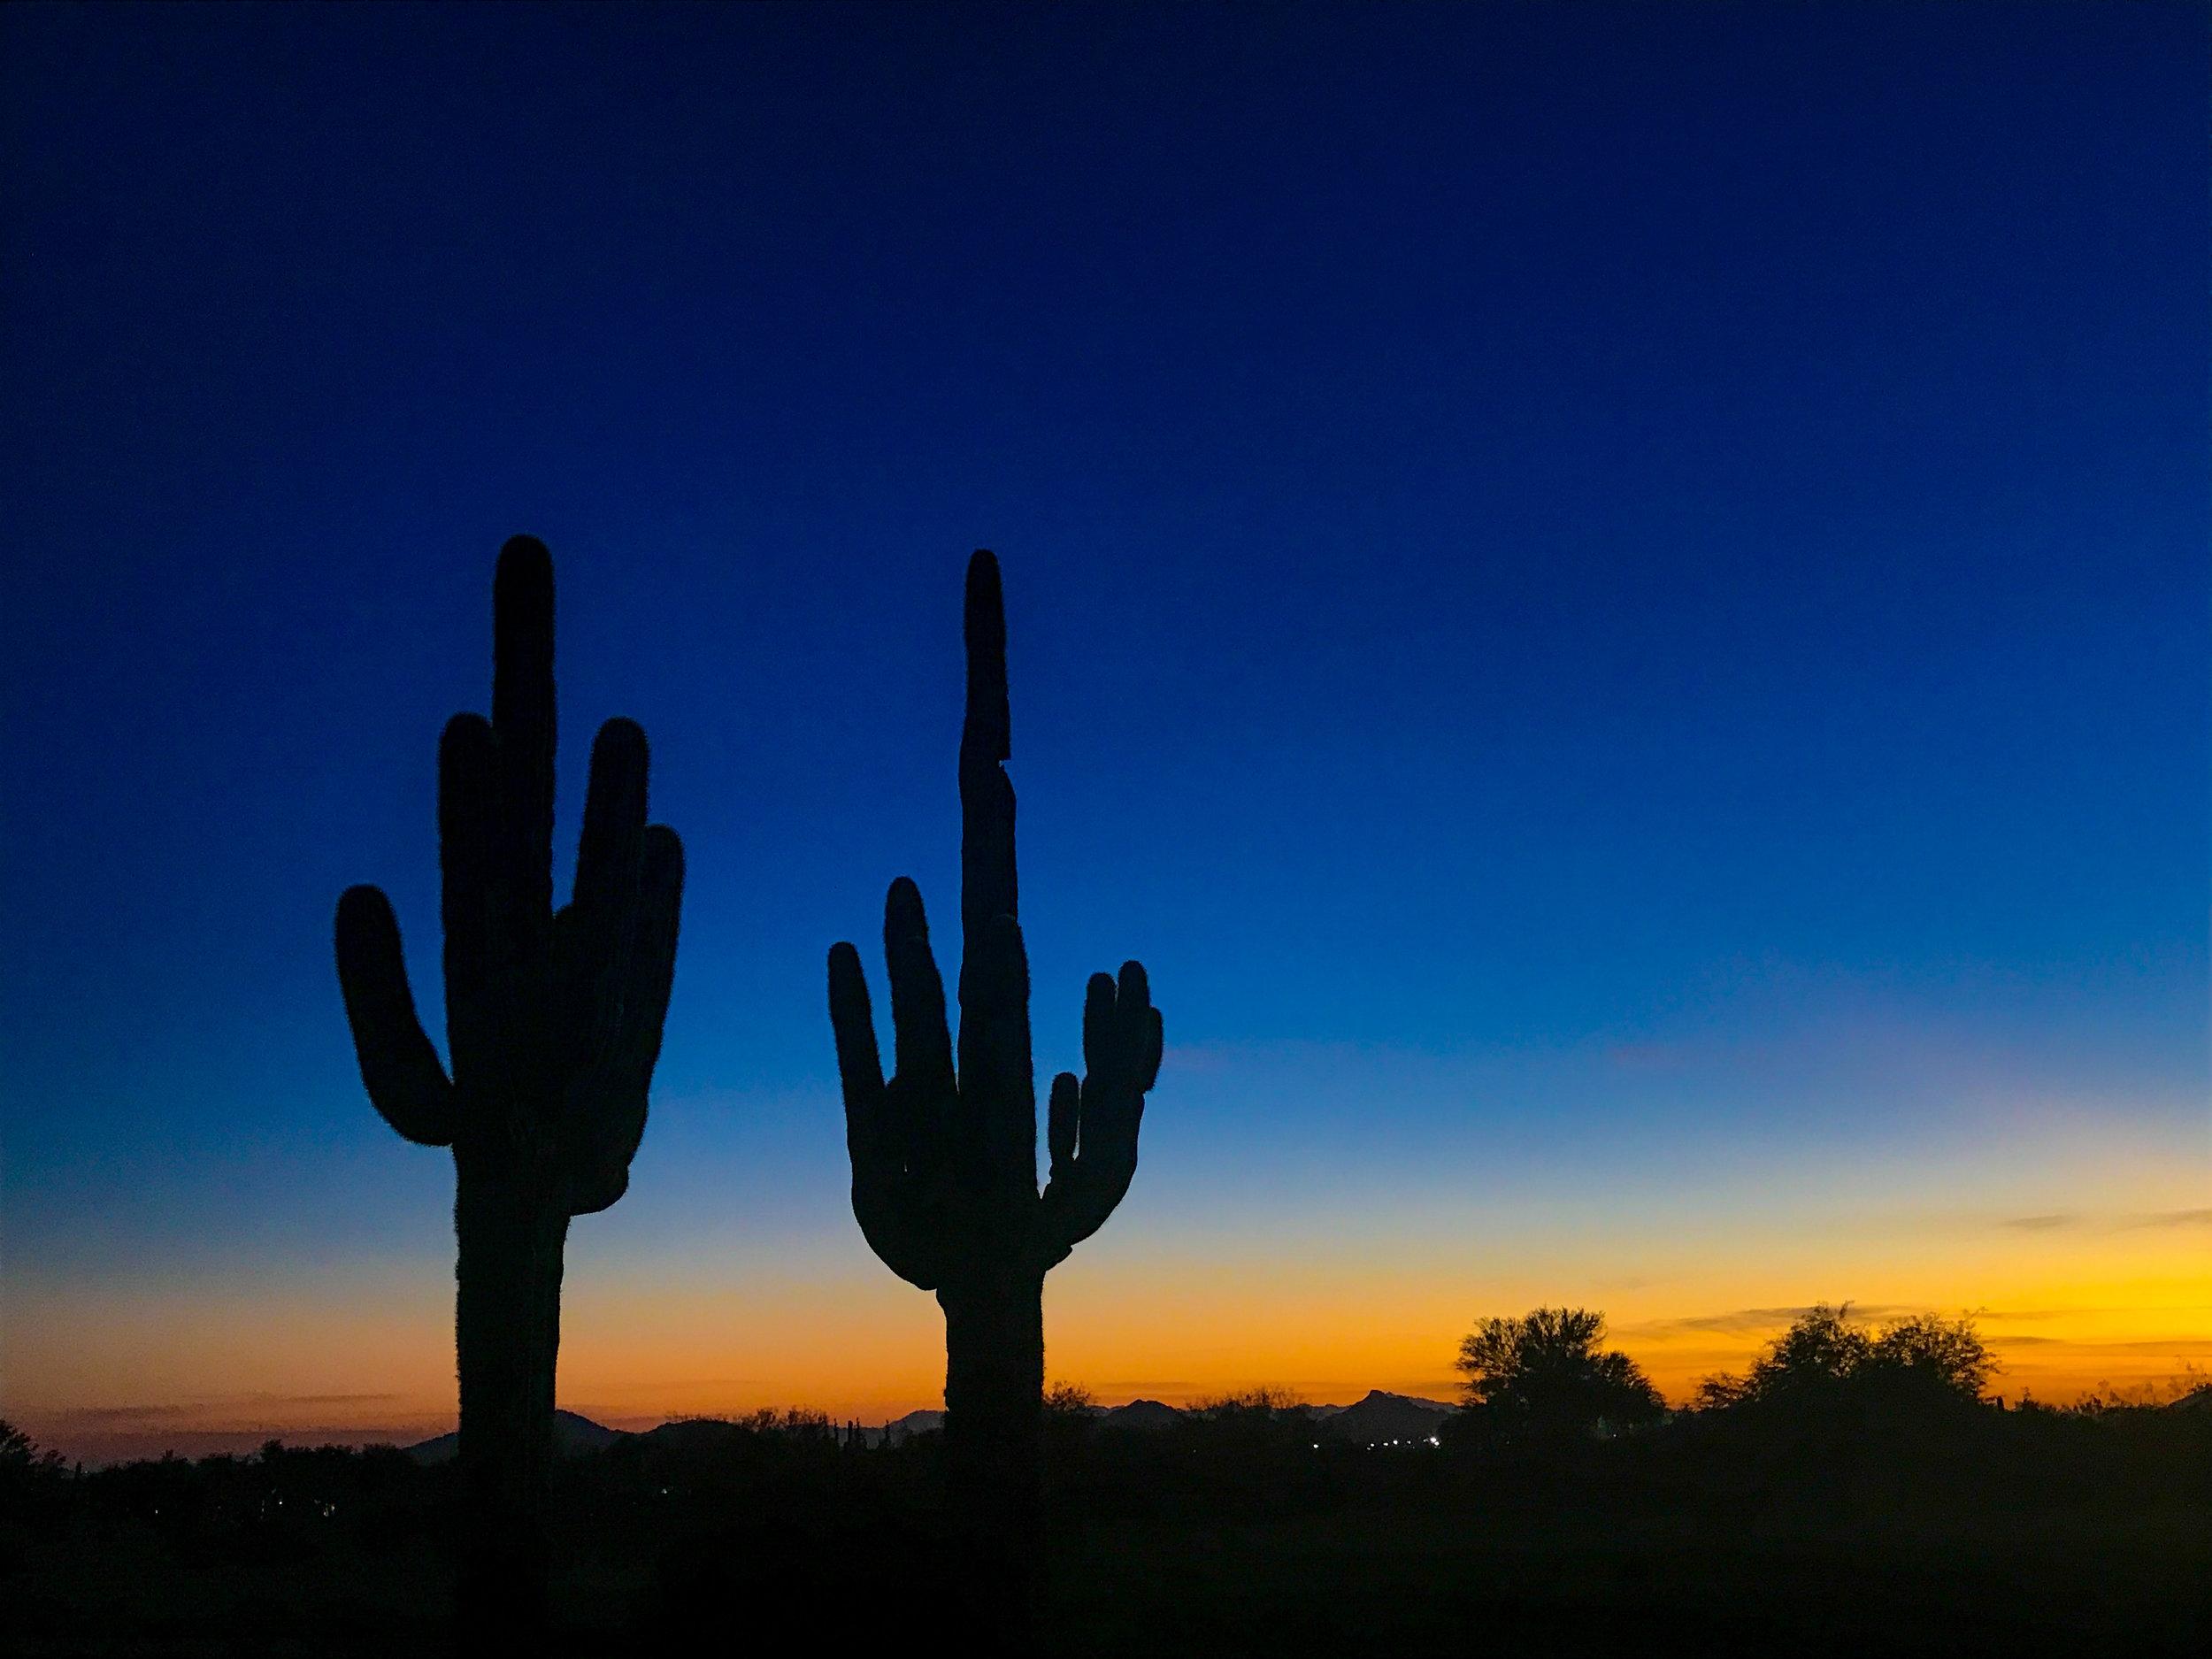 Cactus on the Greyhawk Golf Course in Sedona, AZ